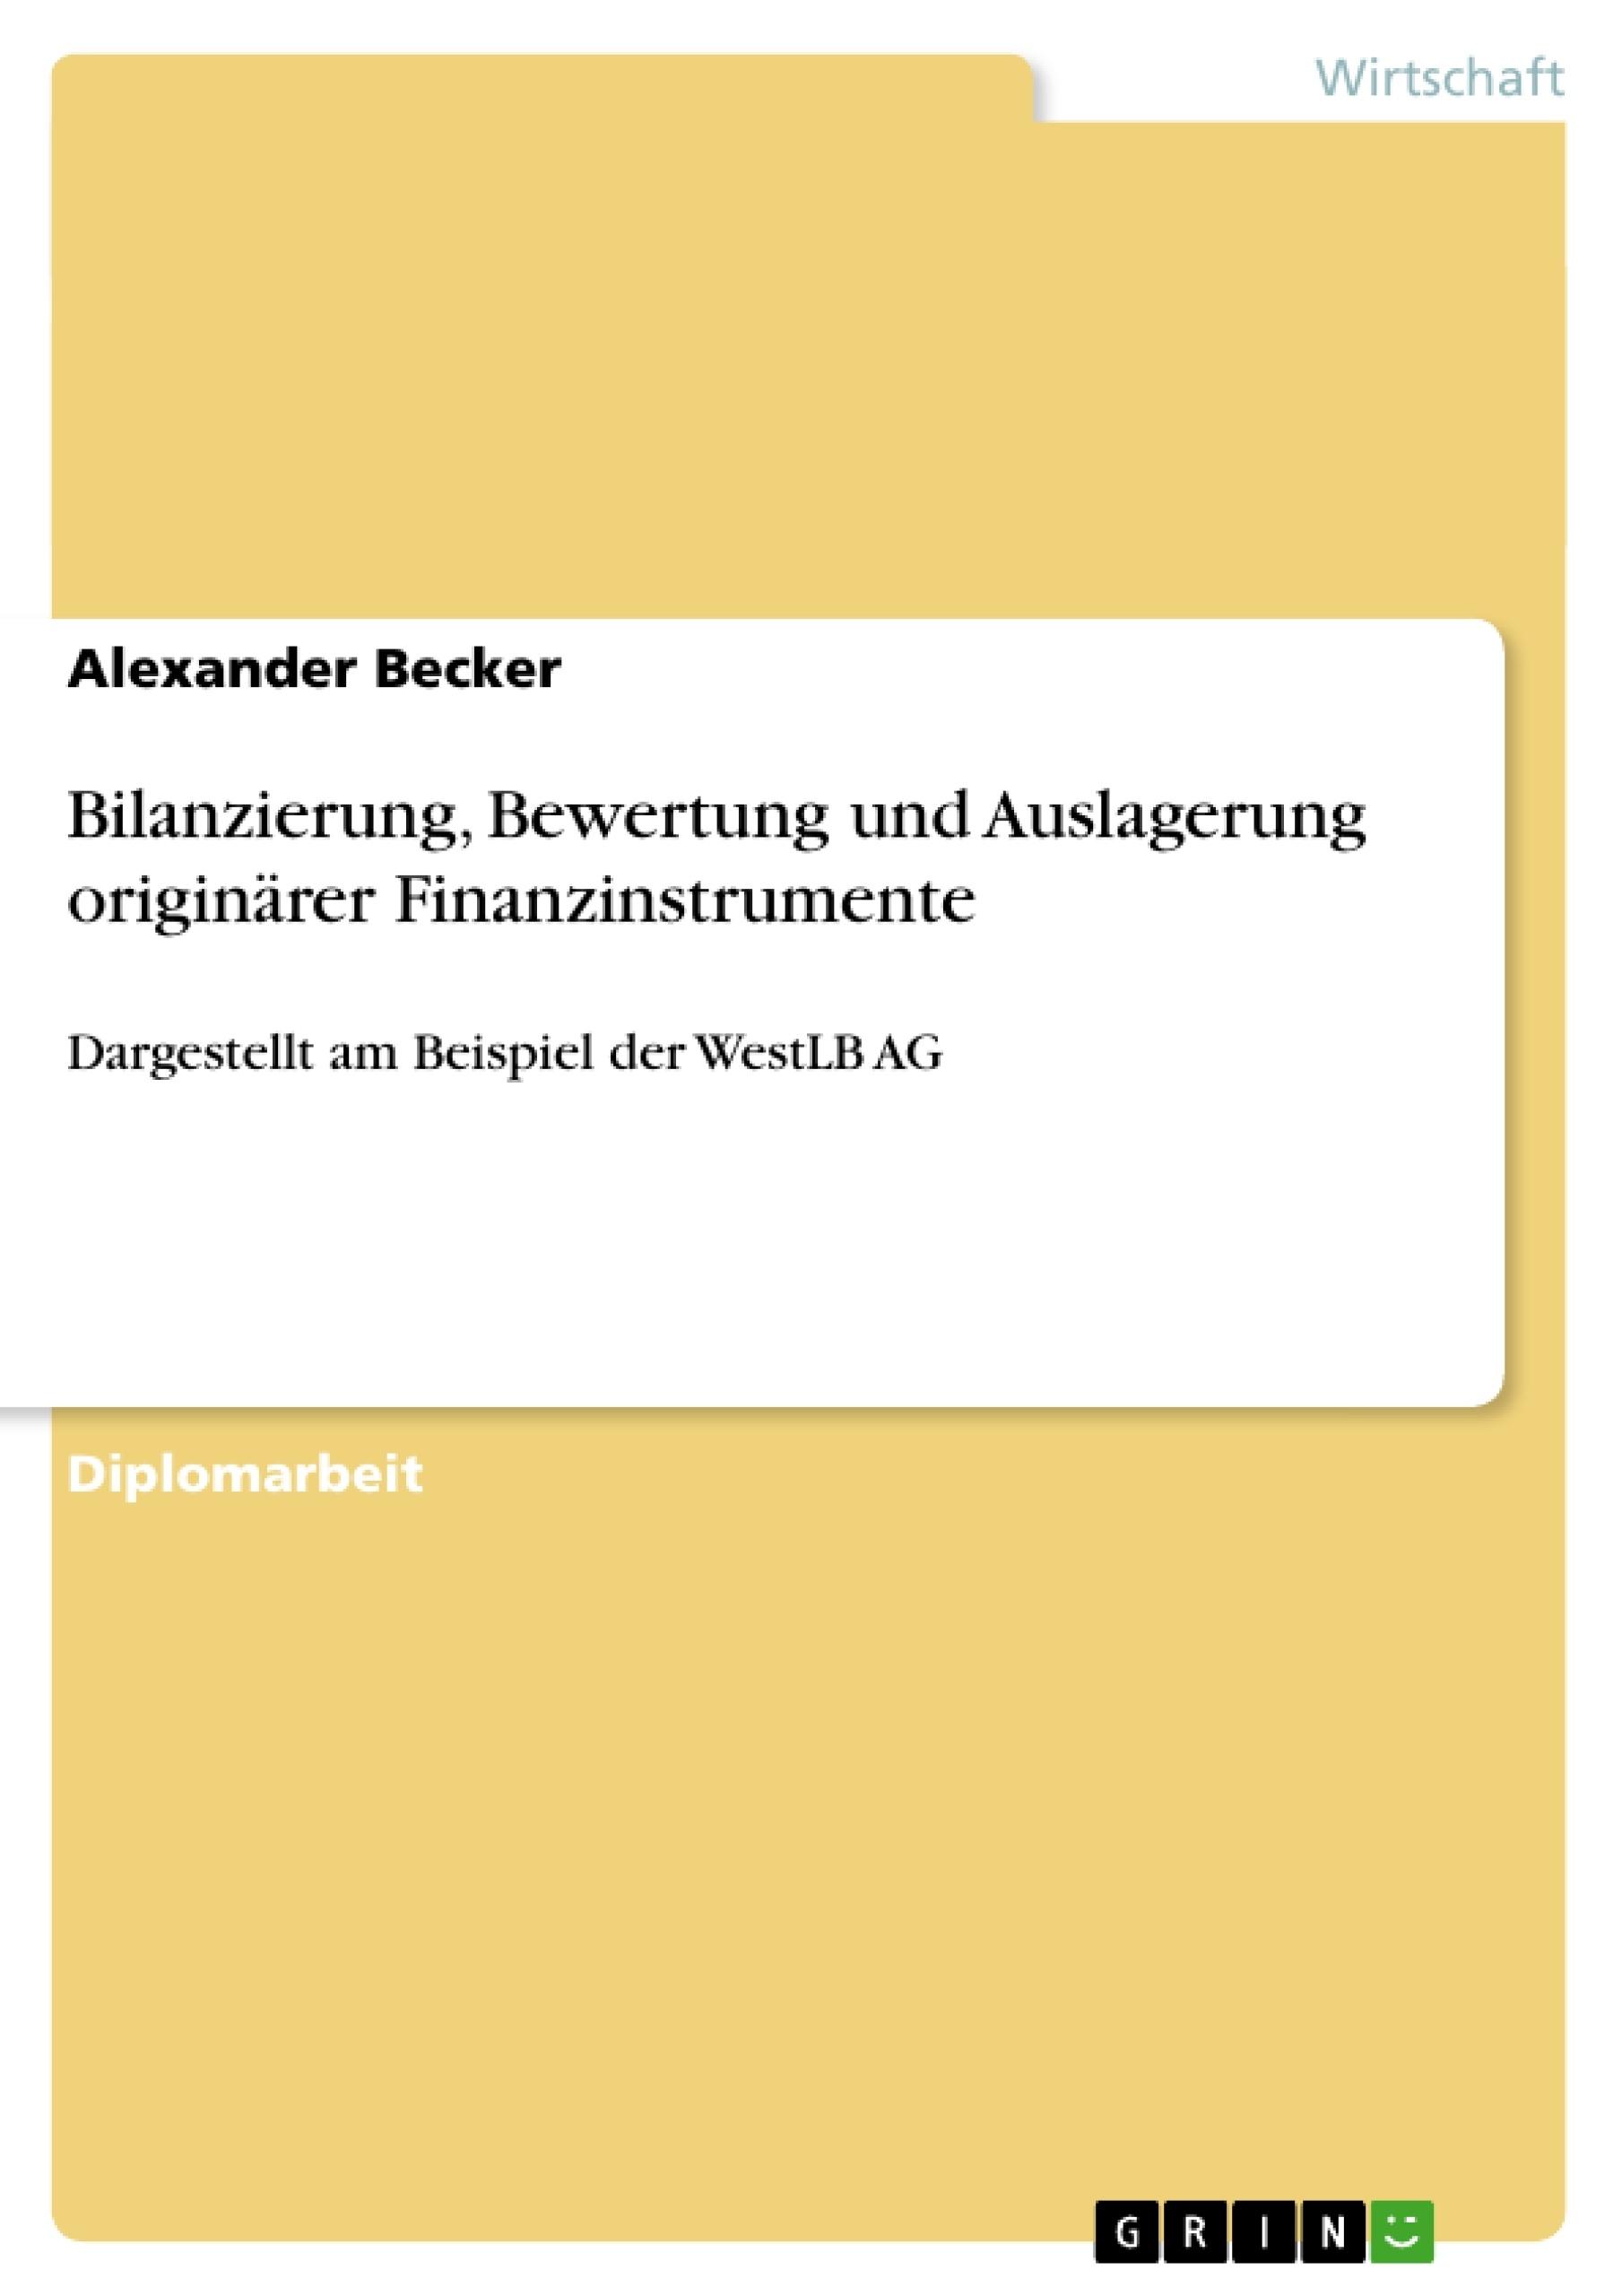 Titel: Bilanzierung, Bewertung und Auslagerung originärer Finanzinstrumente